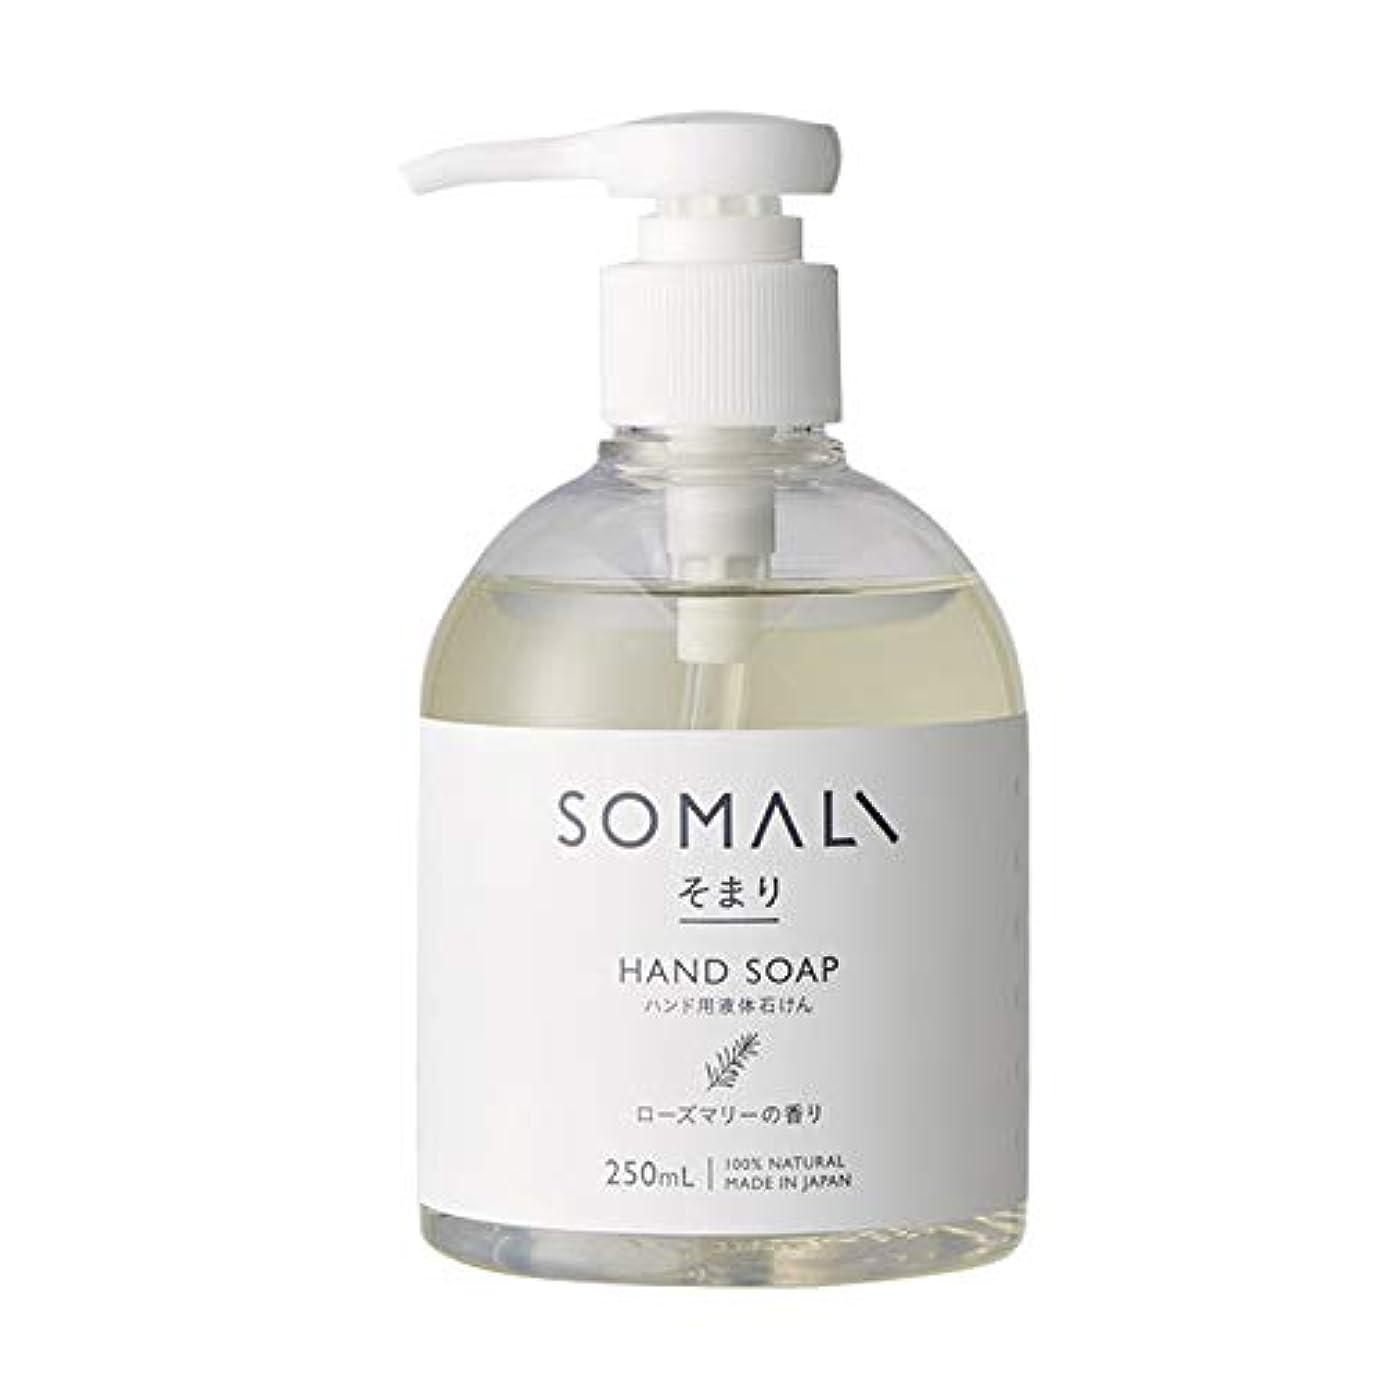 部屋を掃除するコアマラドロイトハンド用液体石けん 250ml 木村石鹸 SOMARI そまり Z3K